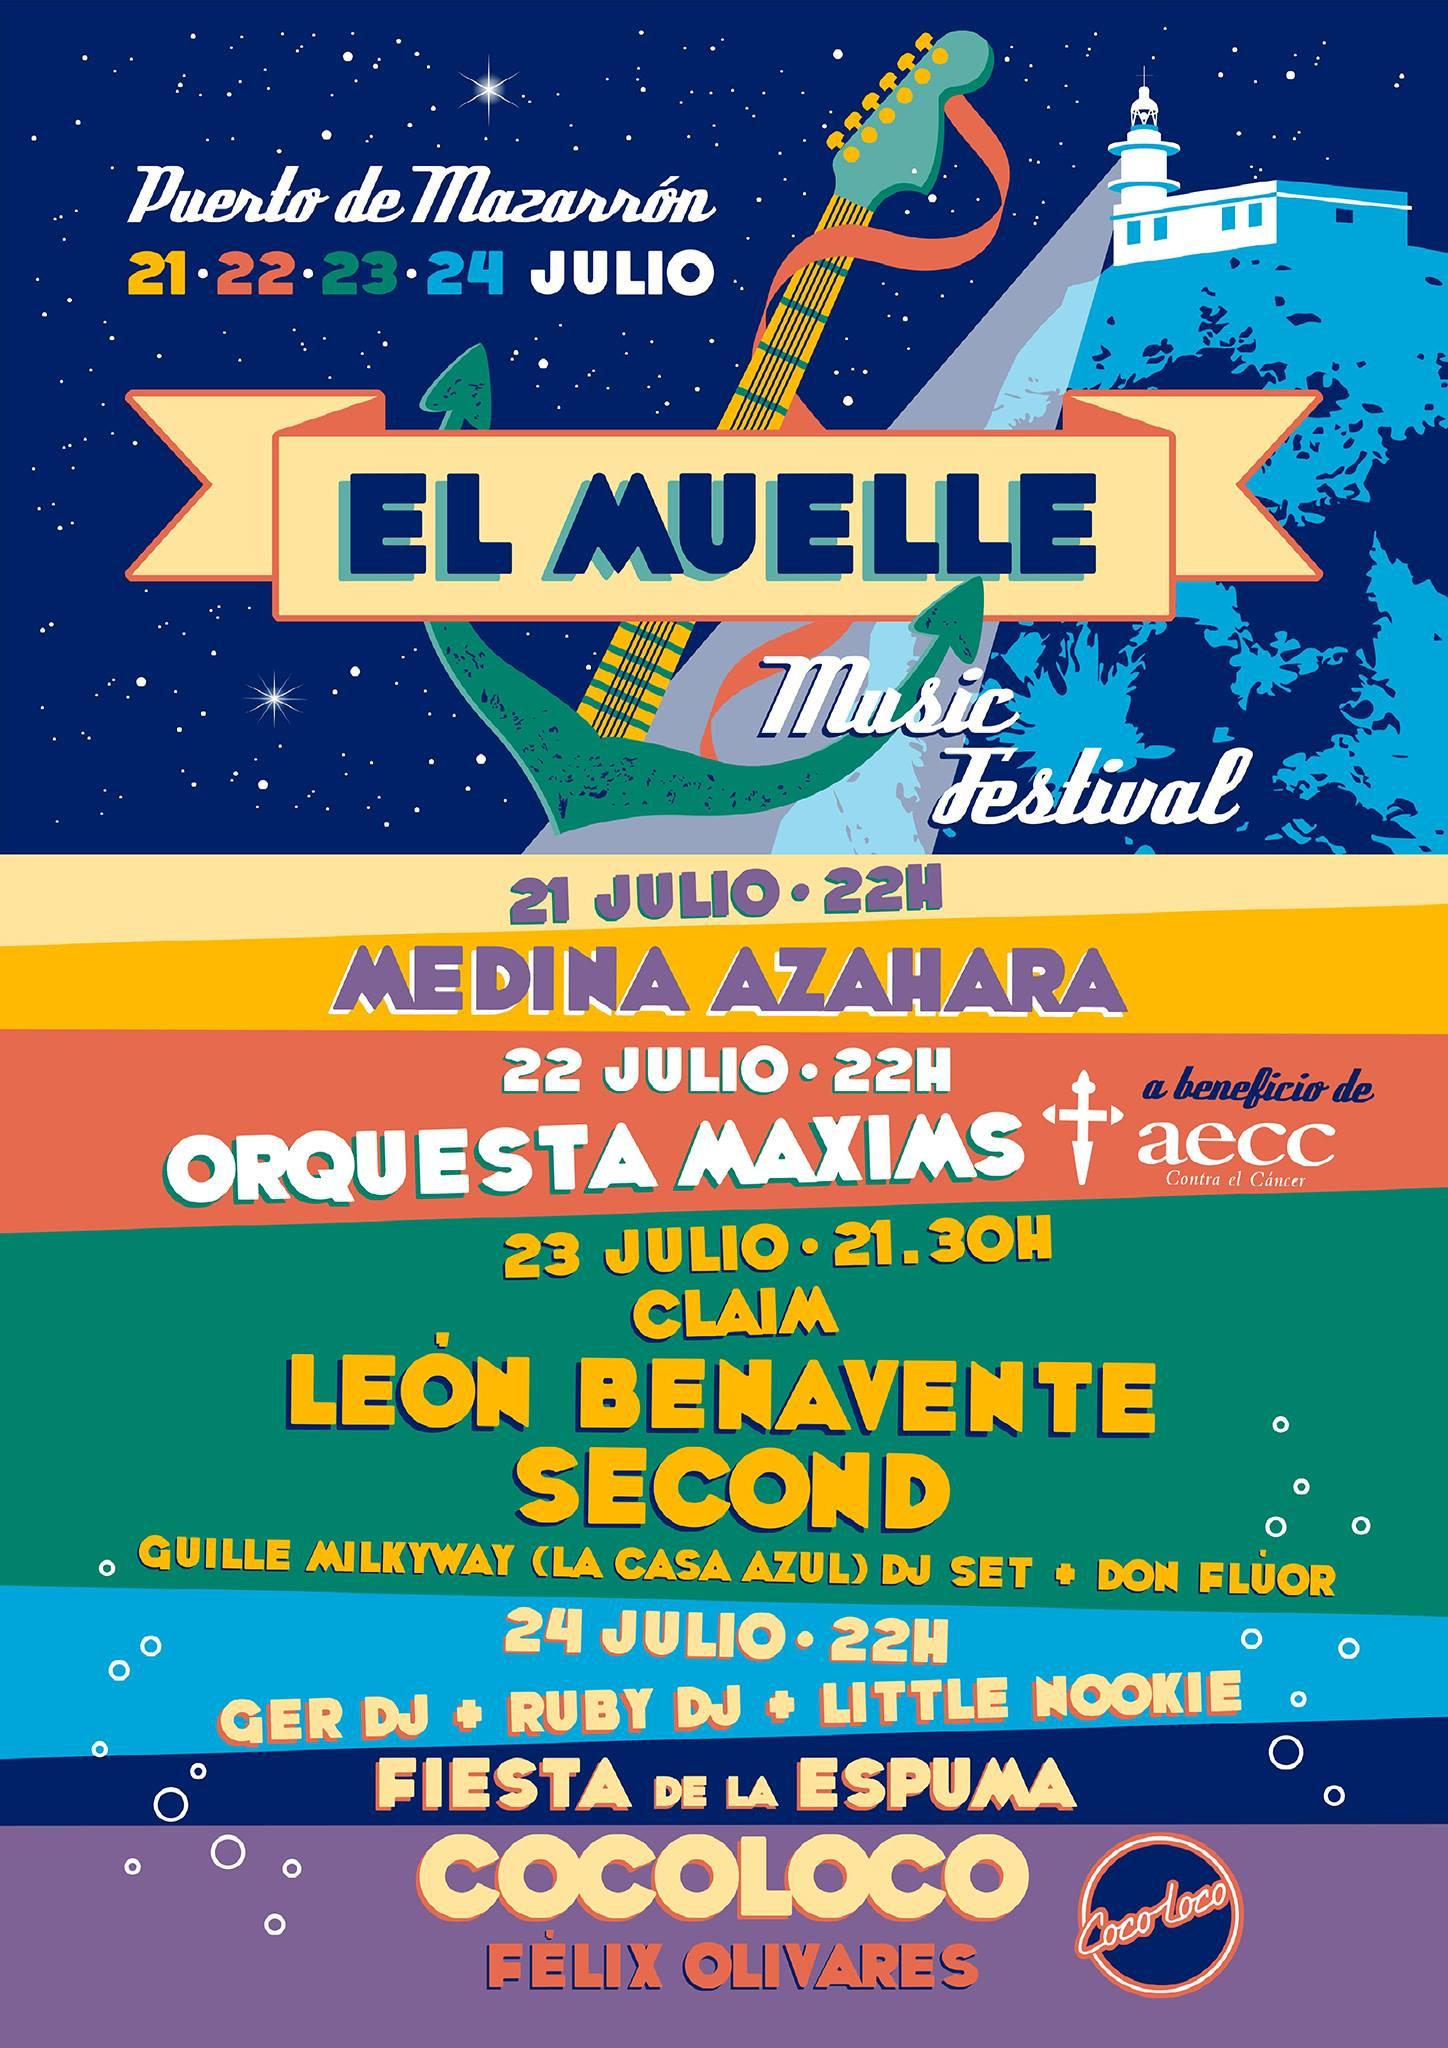 El Muelle Music Festival trae a Second, León Benavente, Claim y Medina Azahara en Puerto de Mazarrón